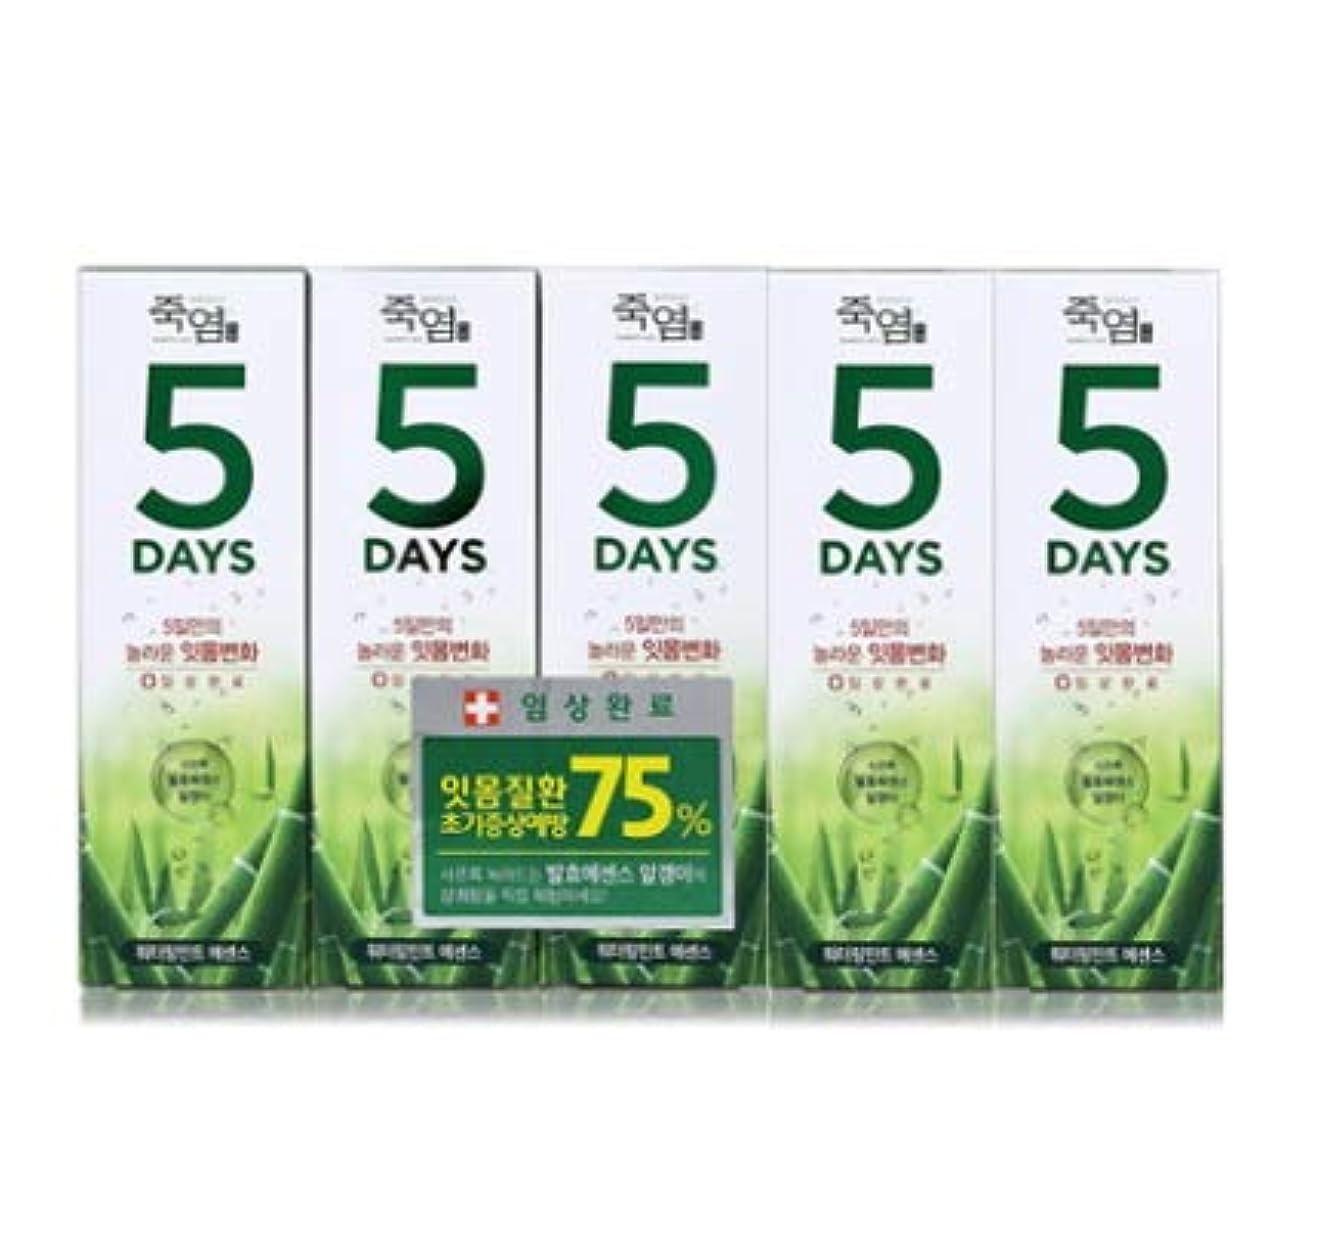 溢れんばかりの魔法彫る[LG Care/LG生活健康]竹塩歯磨き粉5daysウォーターリングミント100g x5ea/歯磨きセットスペシャル?リミテッドToothpaste Set Special Limited Korea(海外直送品)